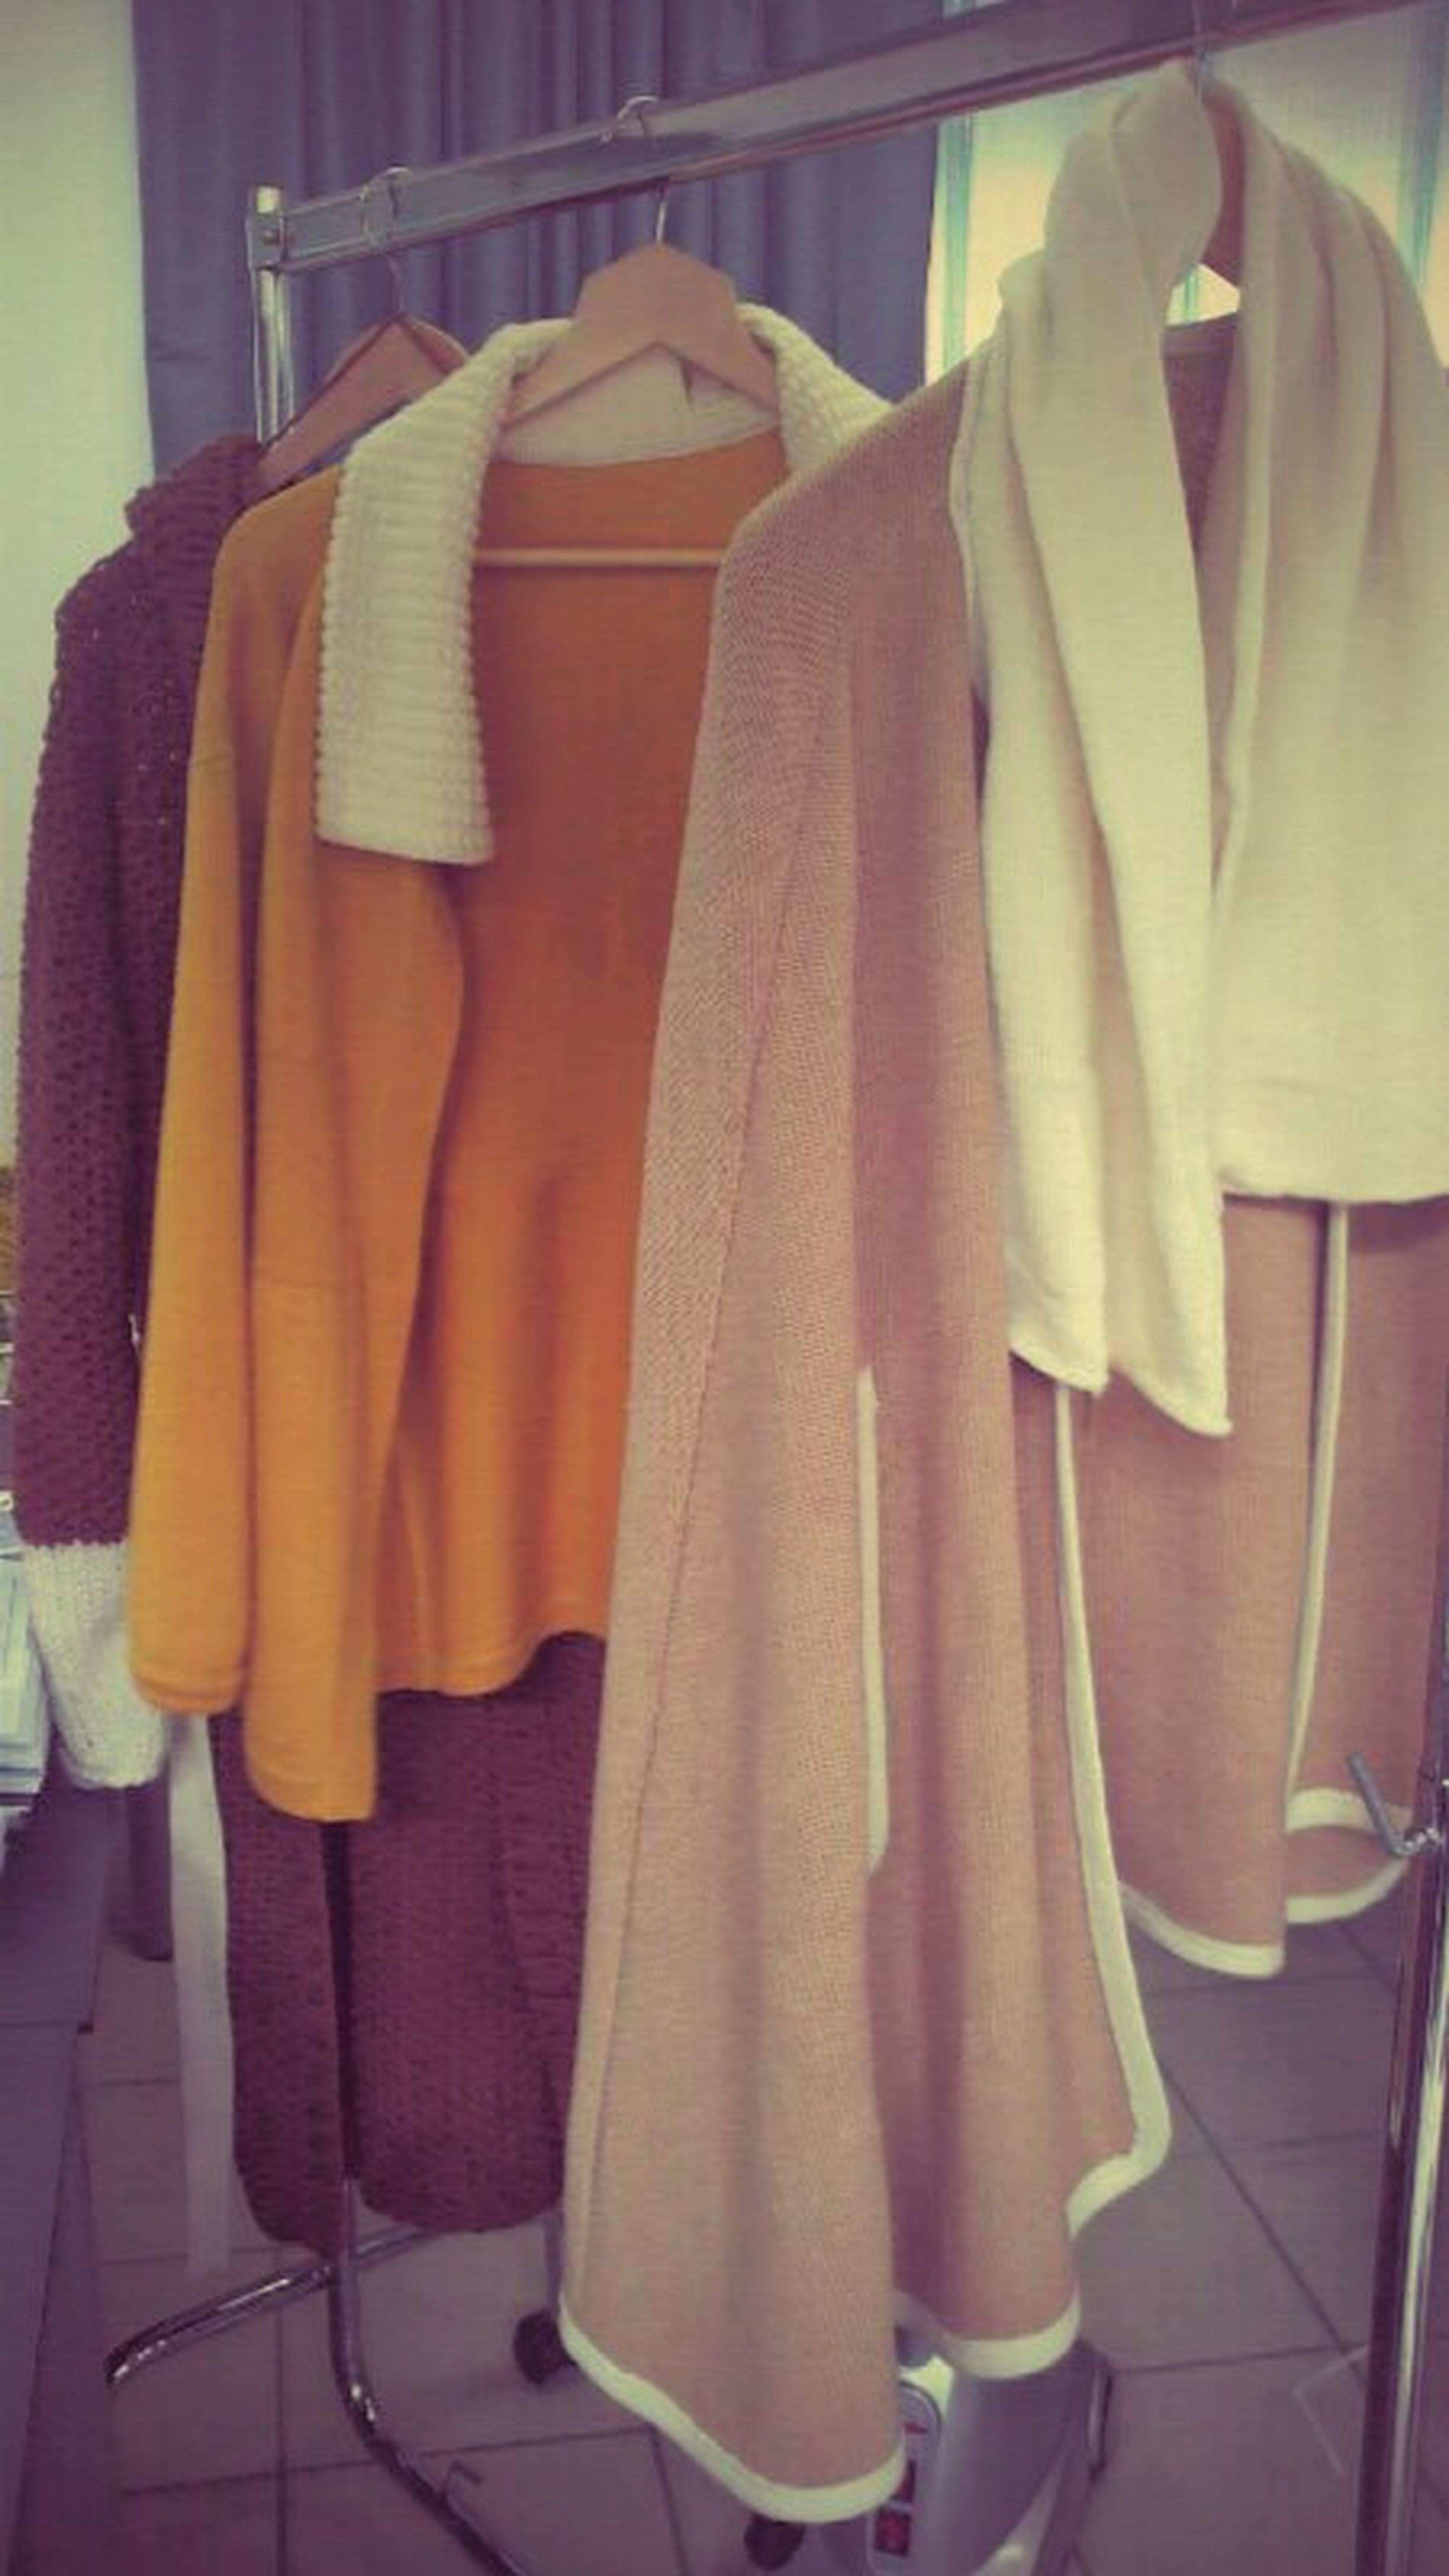 Final Exam Knitwear My Project